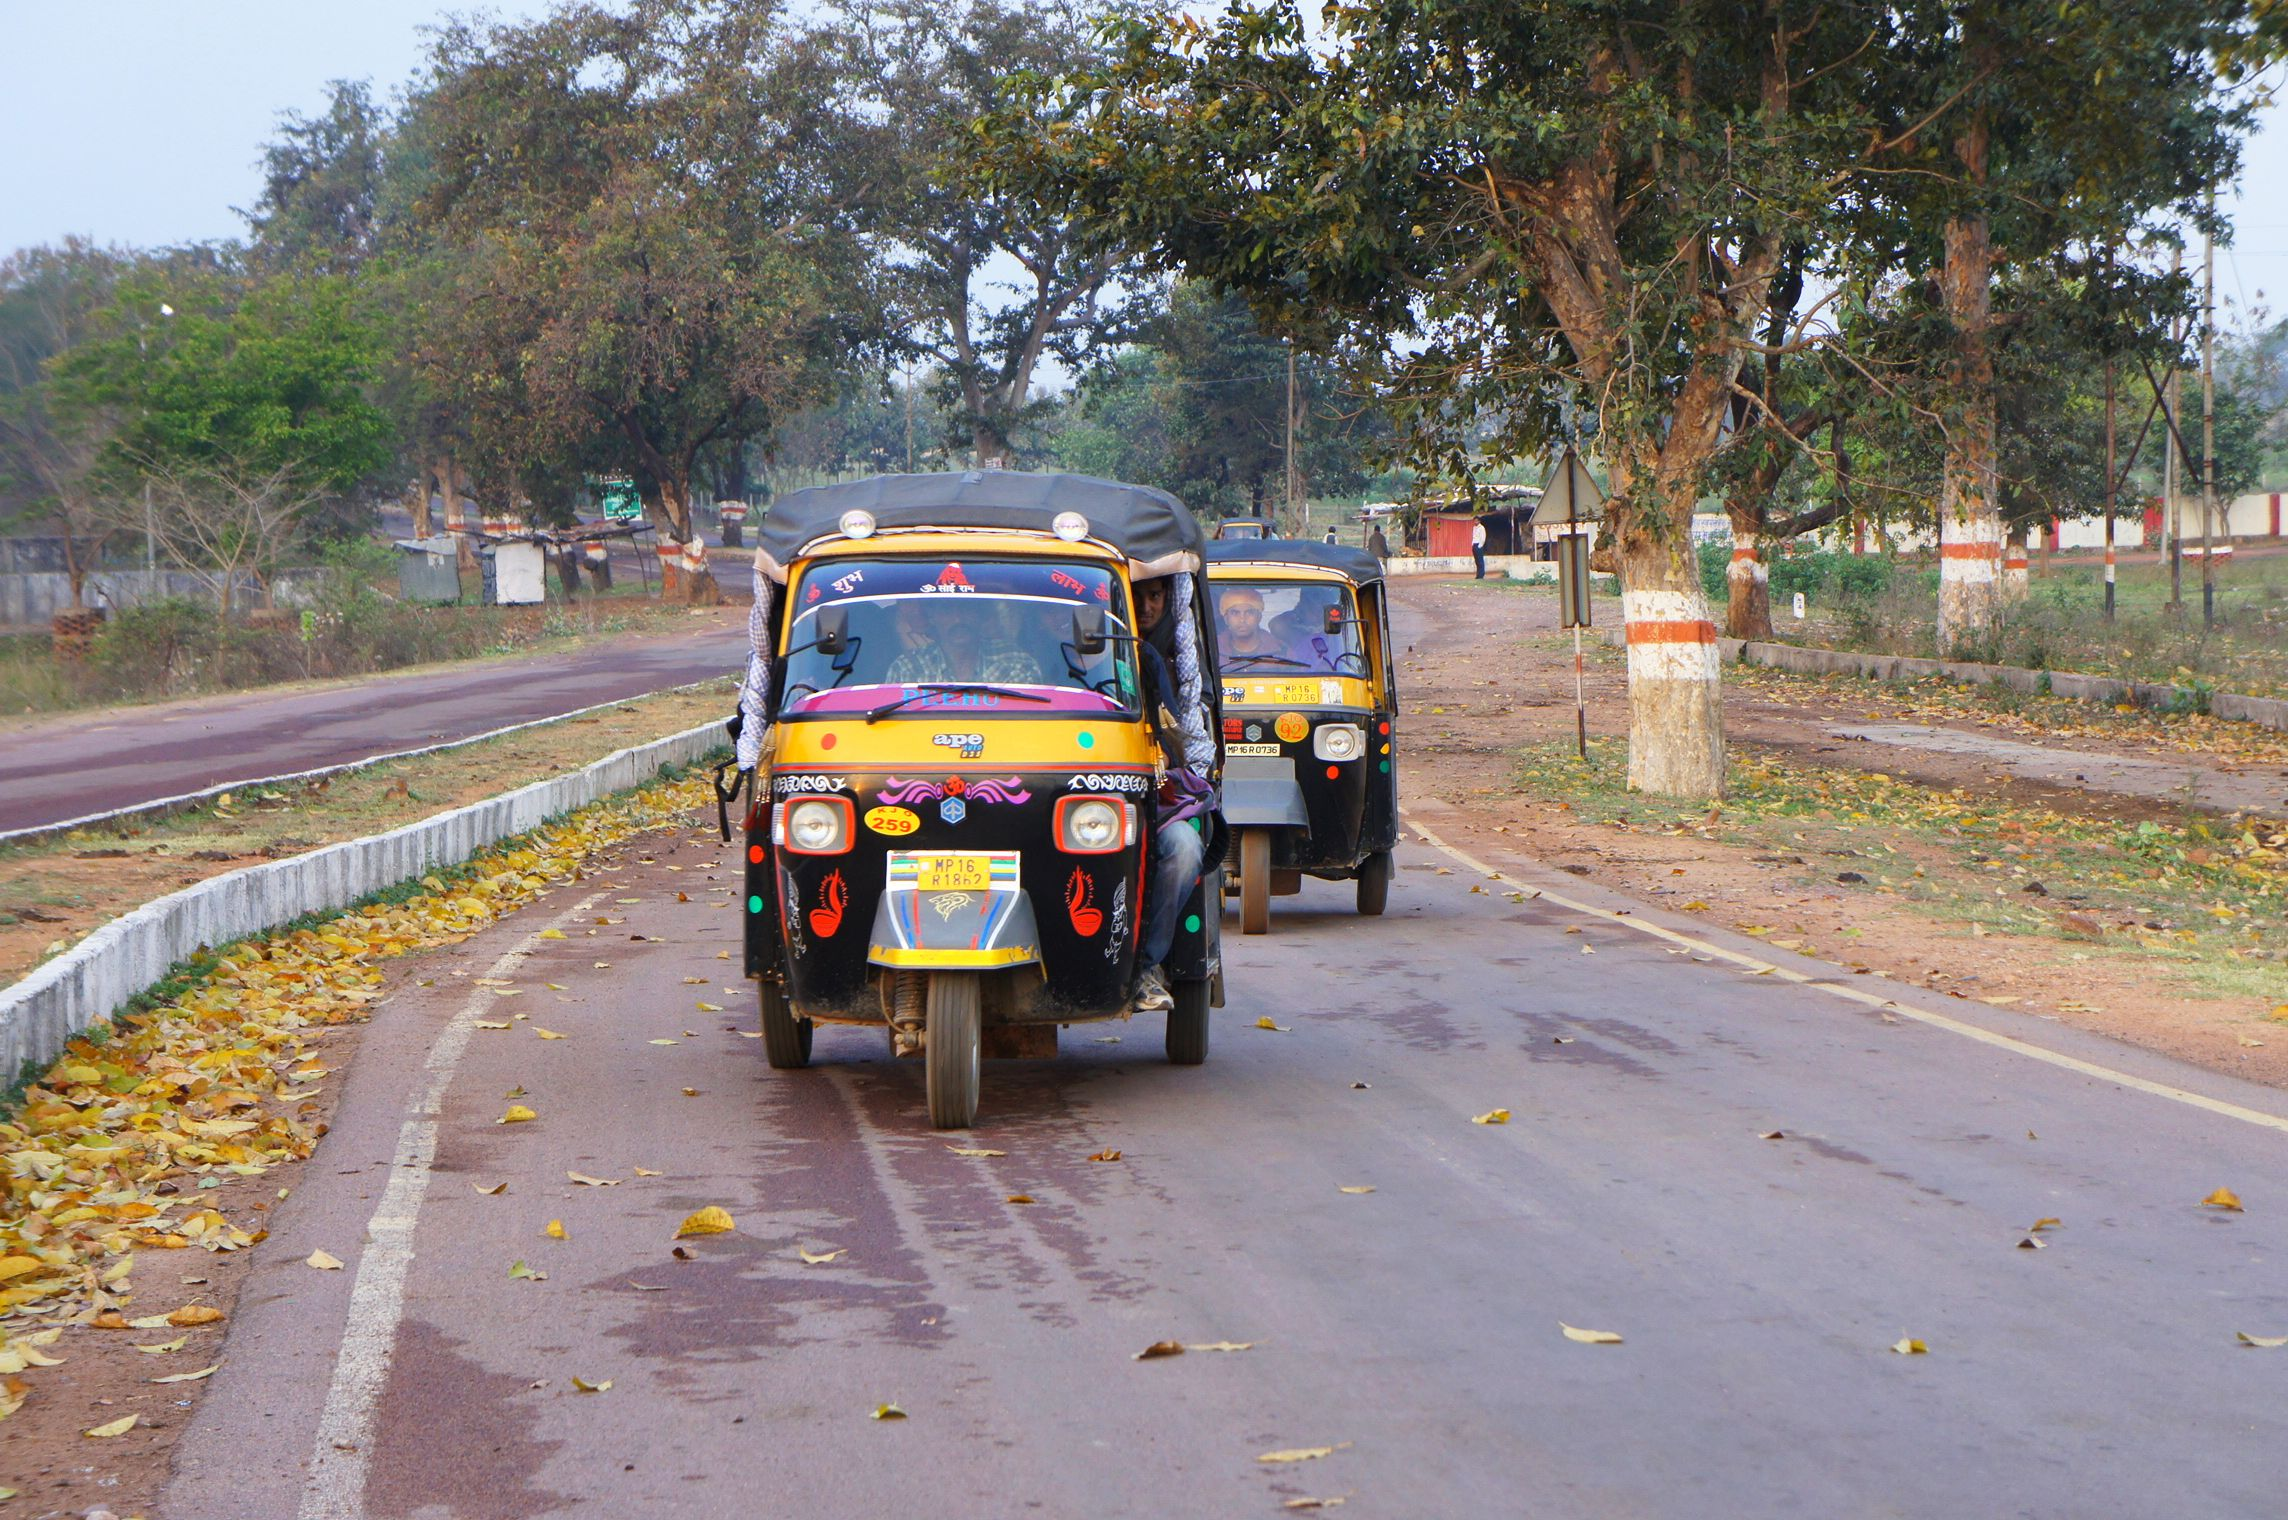 Als Frau in indien reisen - Tuk Tuk und die Abzocken